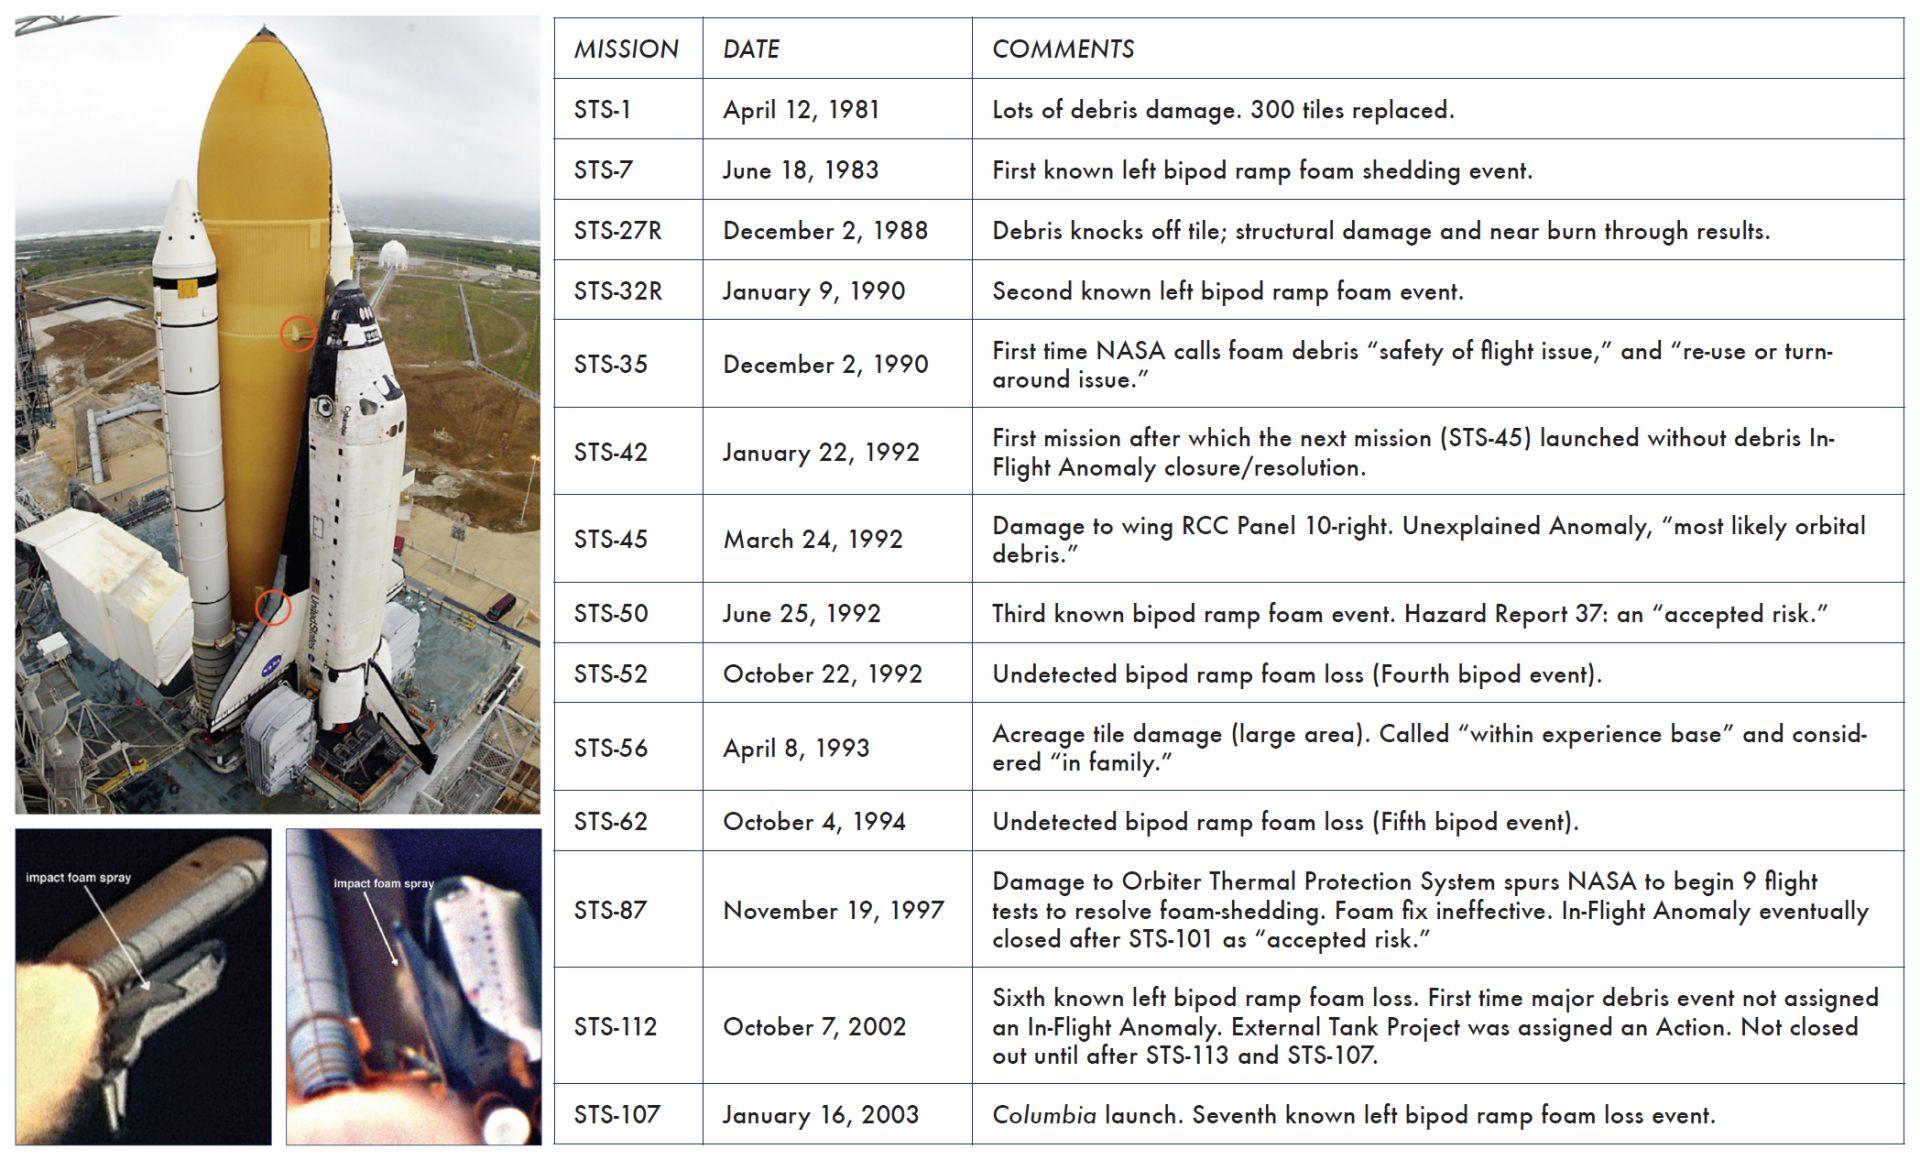 Columbia - Accident - liste des incidents concernant la mousse isolante et le système de protection thermique recensés avant la mission STS-107 - bipode - normalisation de la déviance - CAIB - NASA